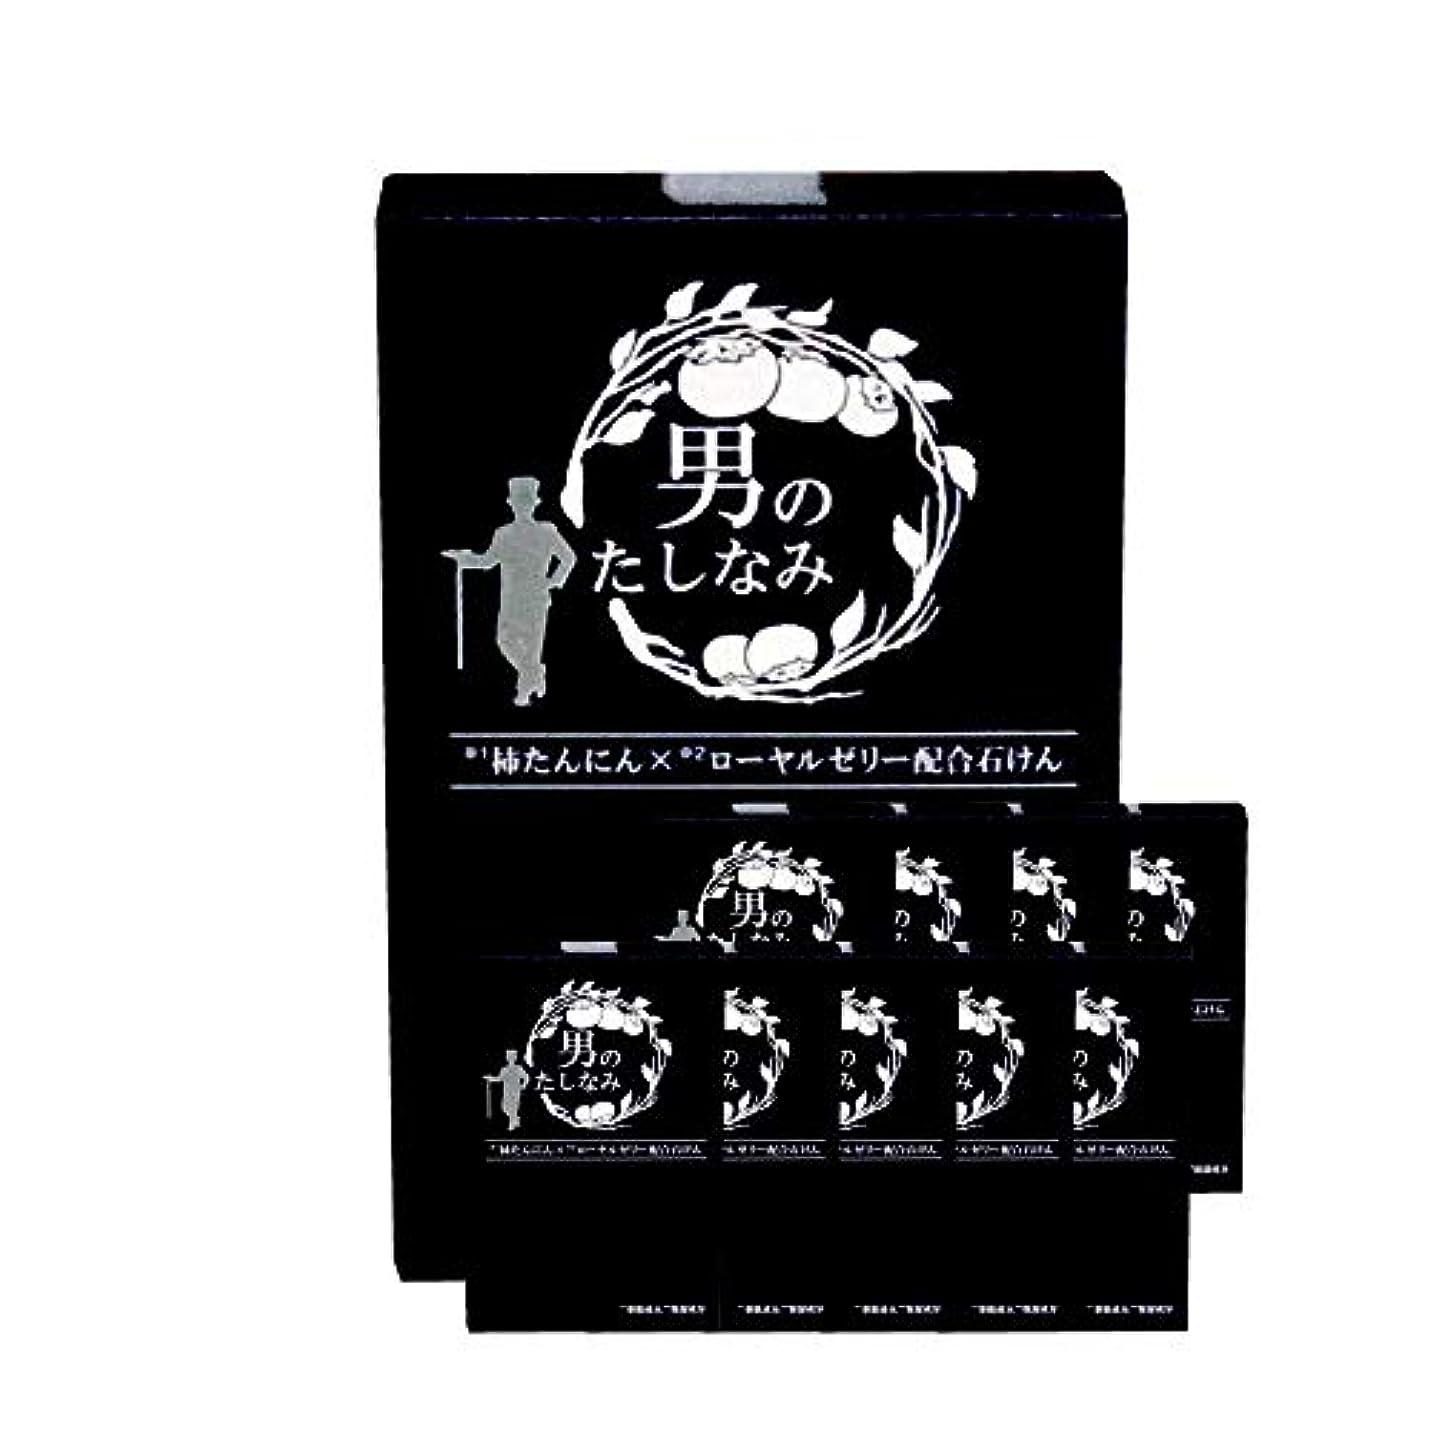 考慮メトロポリタンロースト柿渋石鹸 男のたしなみ 100g (10個セット)